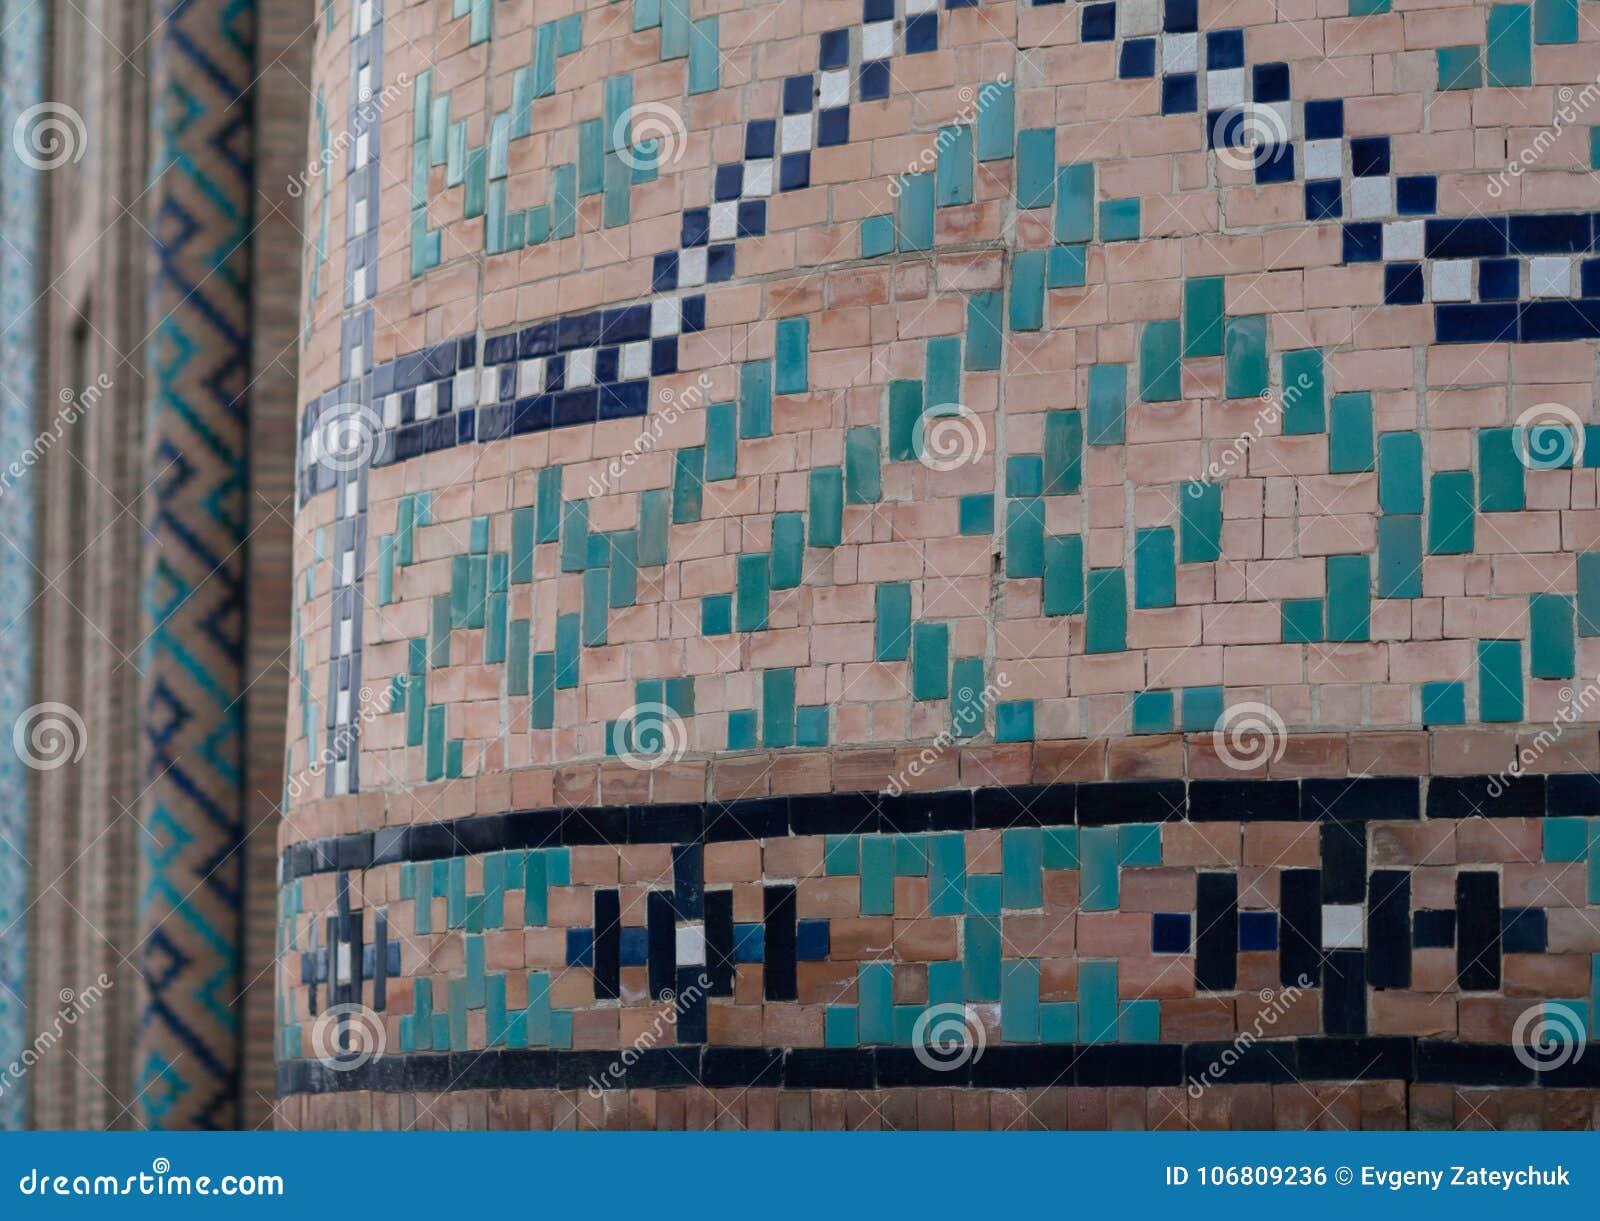 TASJKENT UZBEKISTAN - December 9, 2011: Detalj av den utsökta islamiska byggnadsbelägga med tegel och mosaiken på den Hast imamen